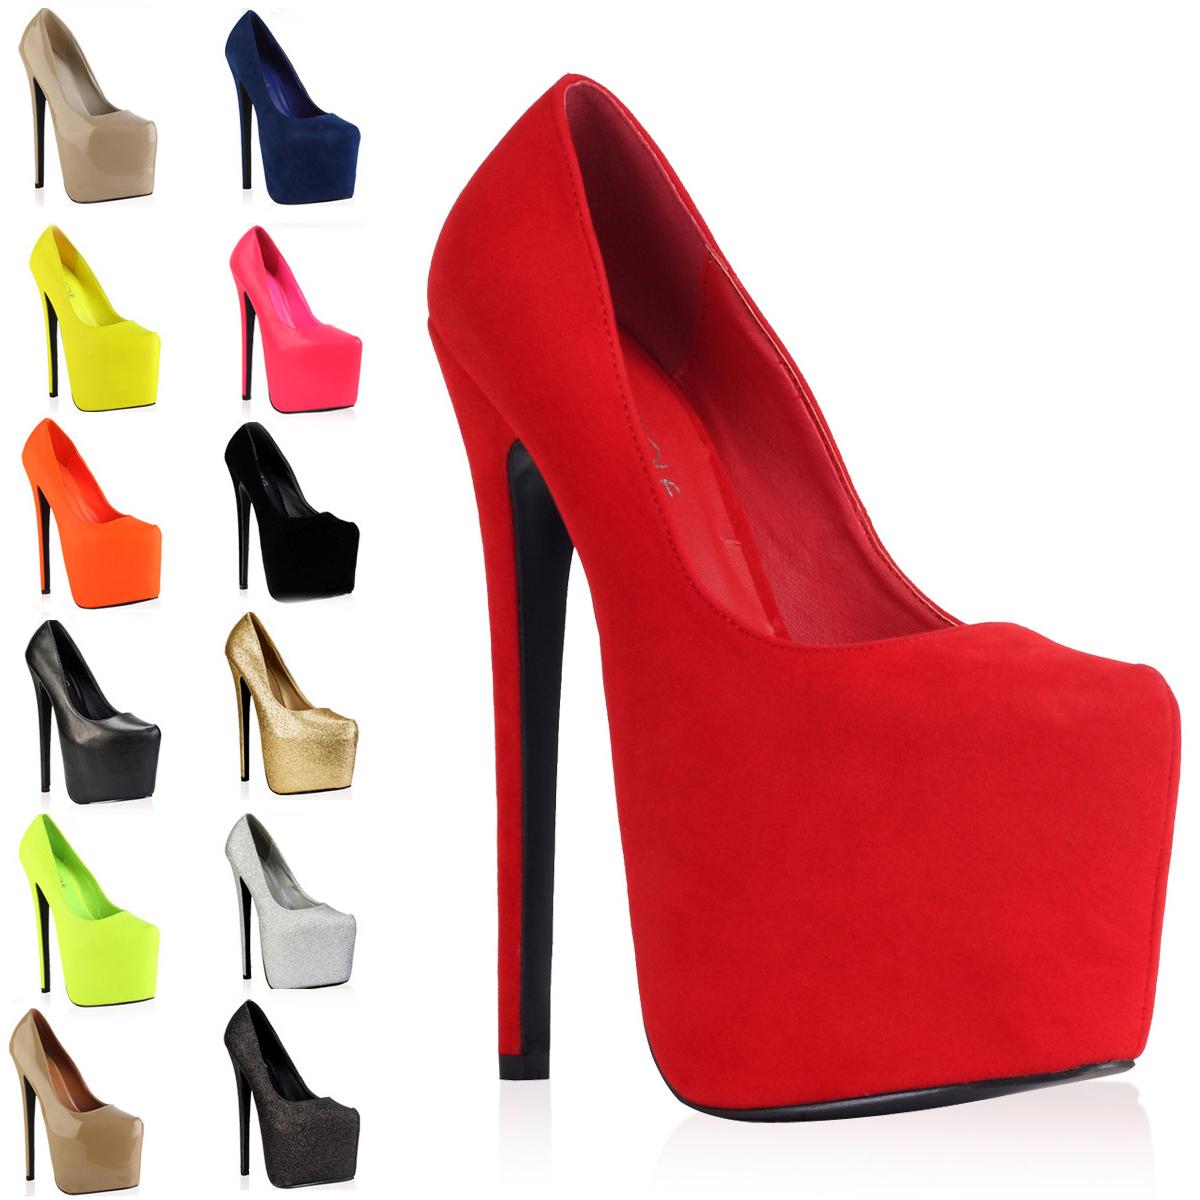 10 In High Heels - Is Heel